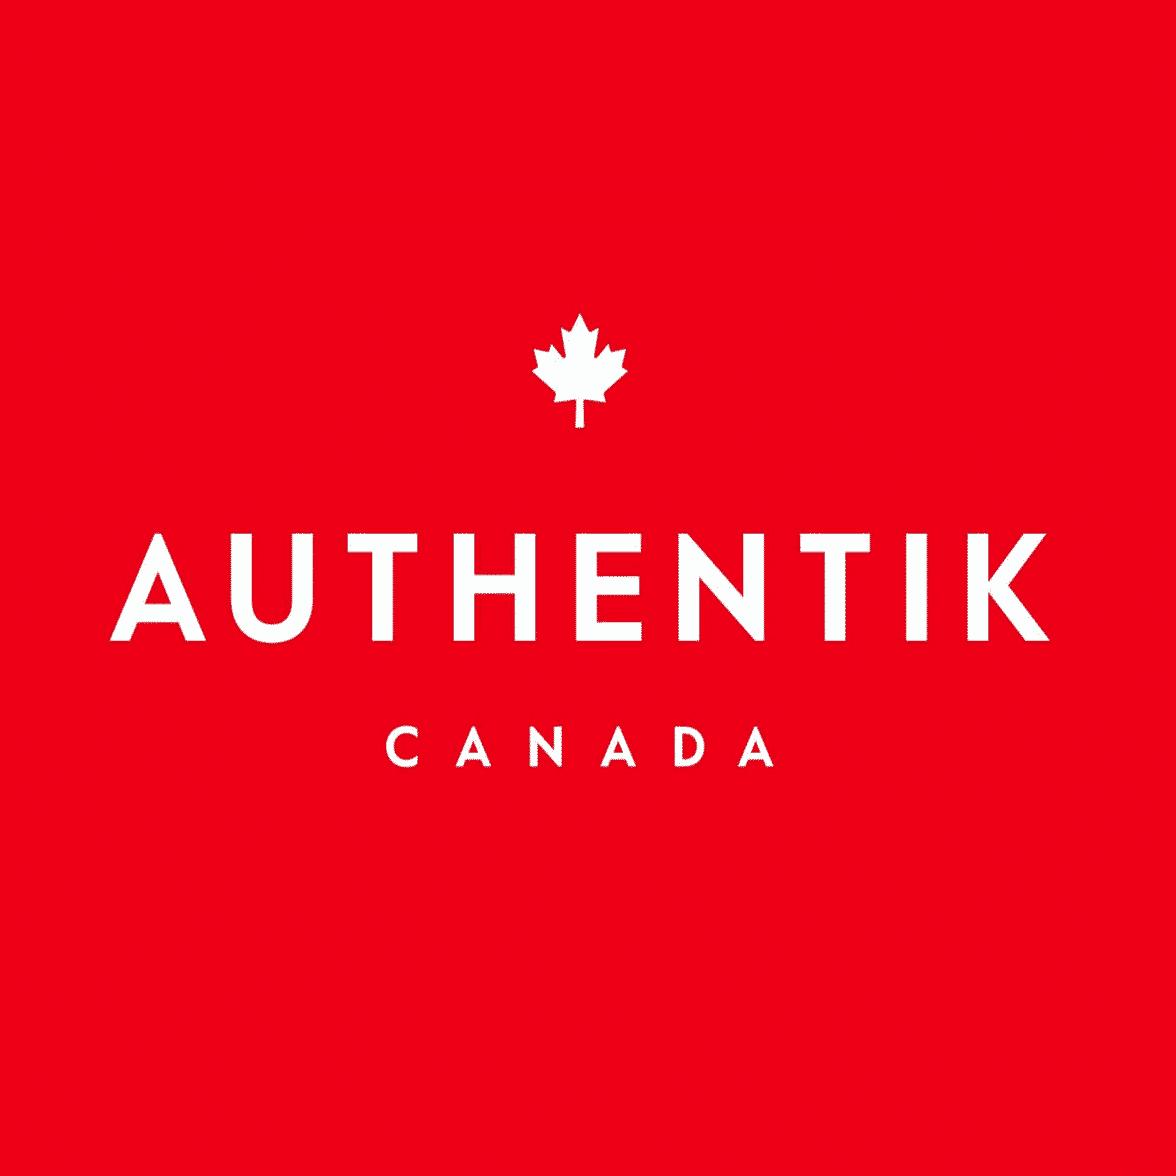 voyage-sur-mesure-authentik-canada-agence-canada-quebec-le-mag